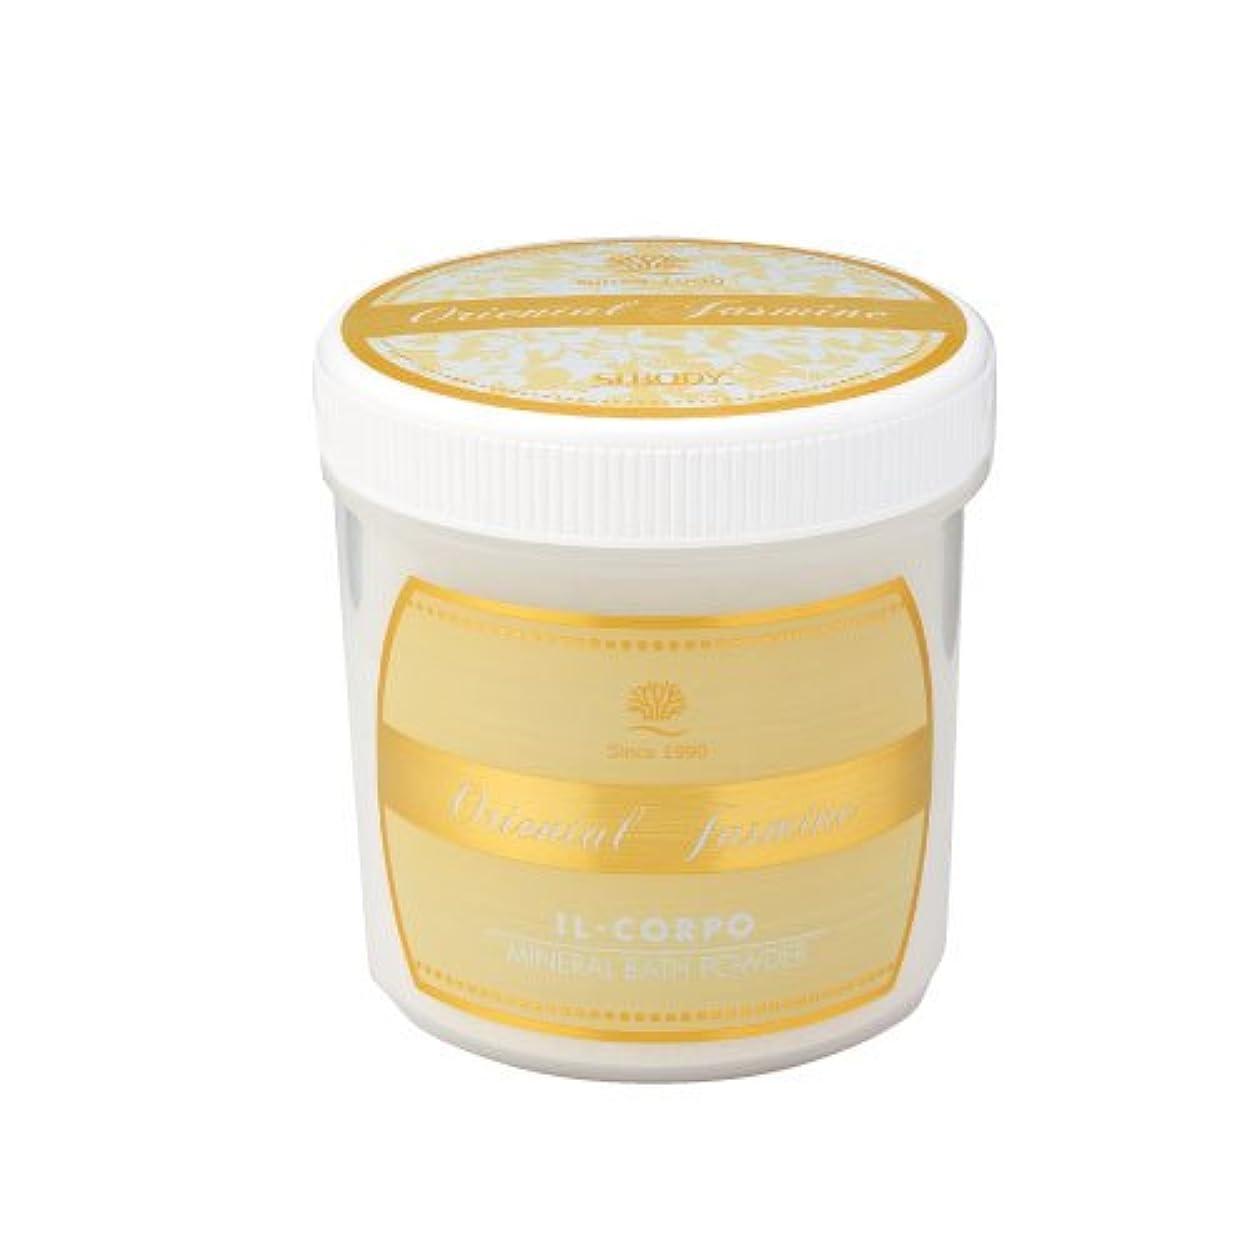 浴室厚くする同行イルコルポ ミネラルバスパウダー オリエンタルジャスミン